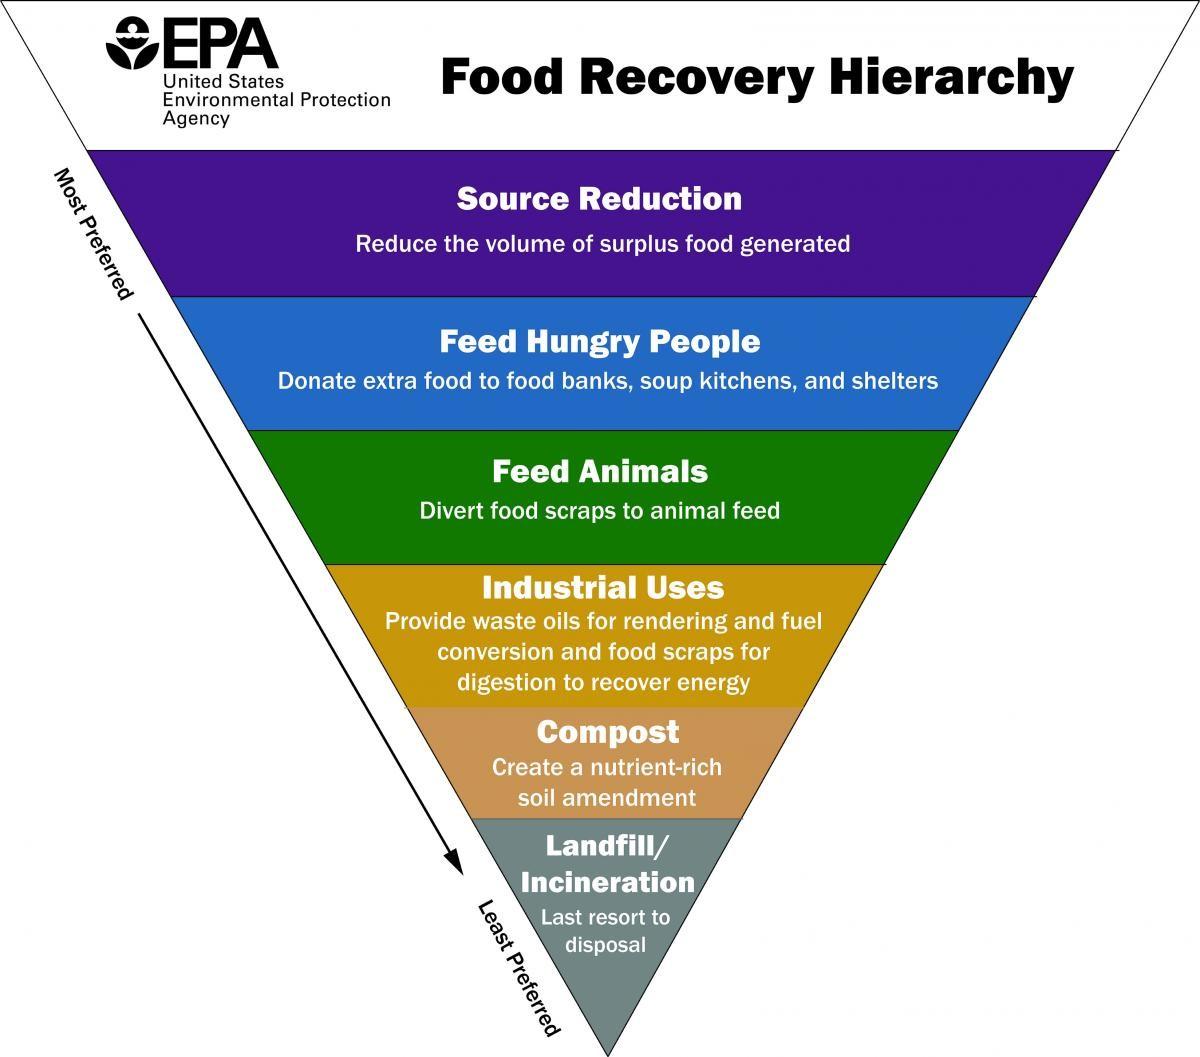 u.s. epa food hierarchy graphic